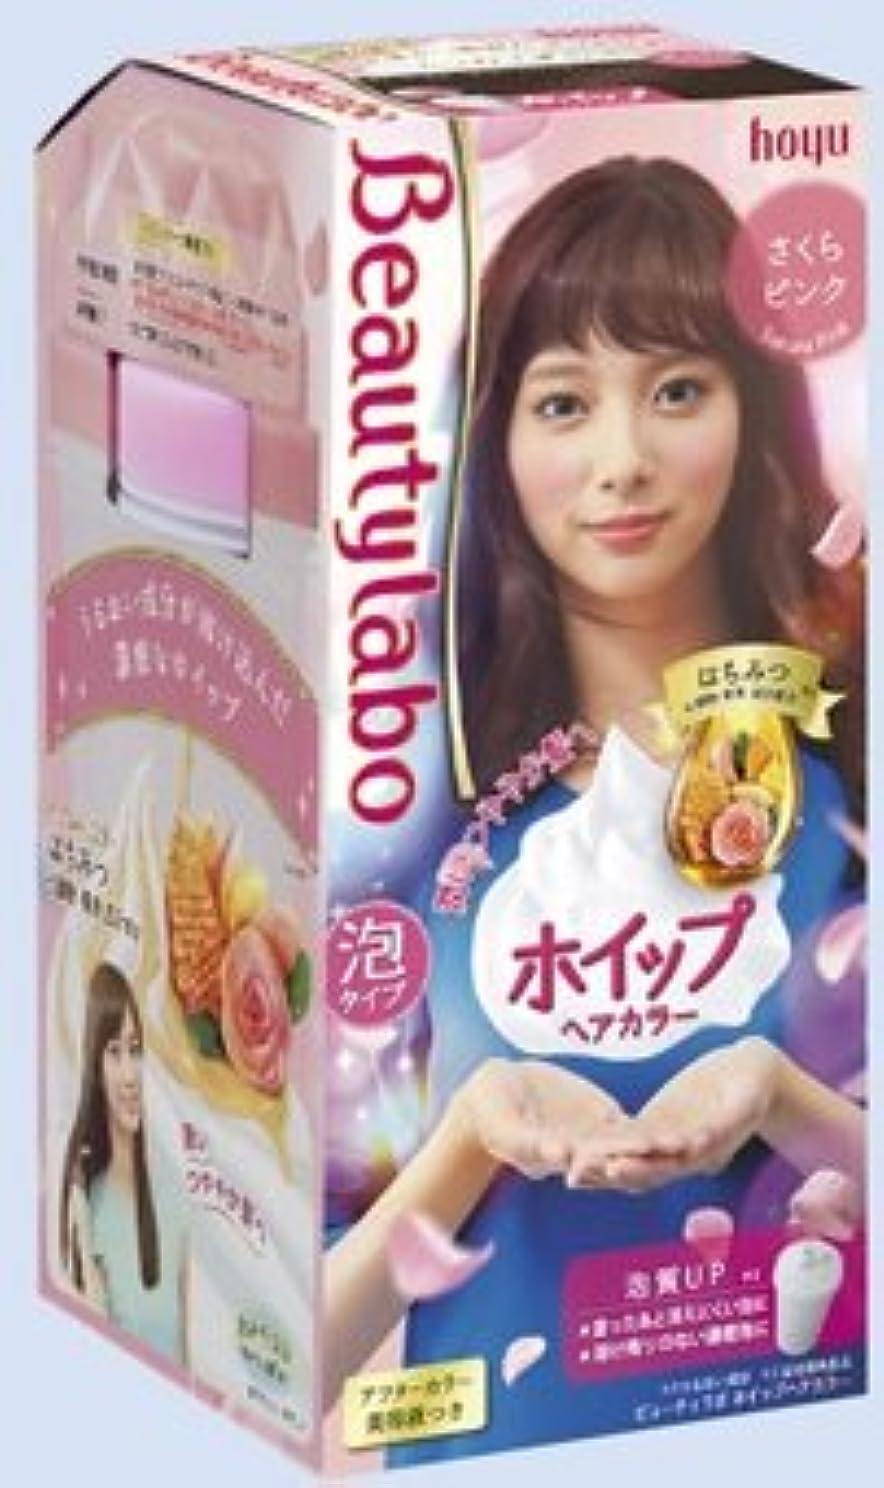 達成可能突っ込む変位BeautyLabo(ビューティラボ) ホイップヘアカラー さくらピンク × 3個セット